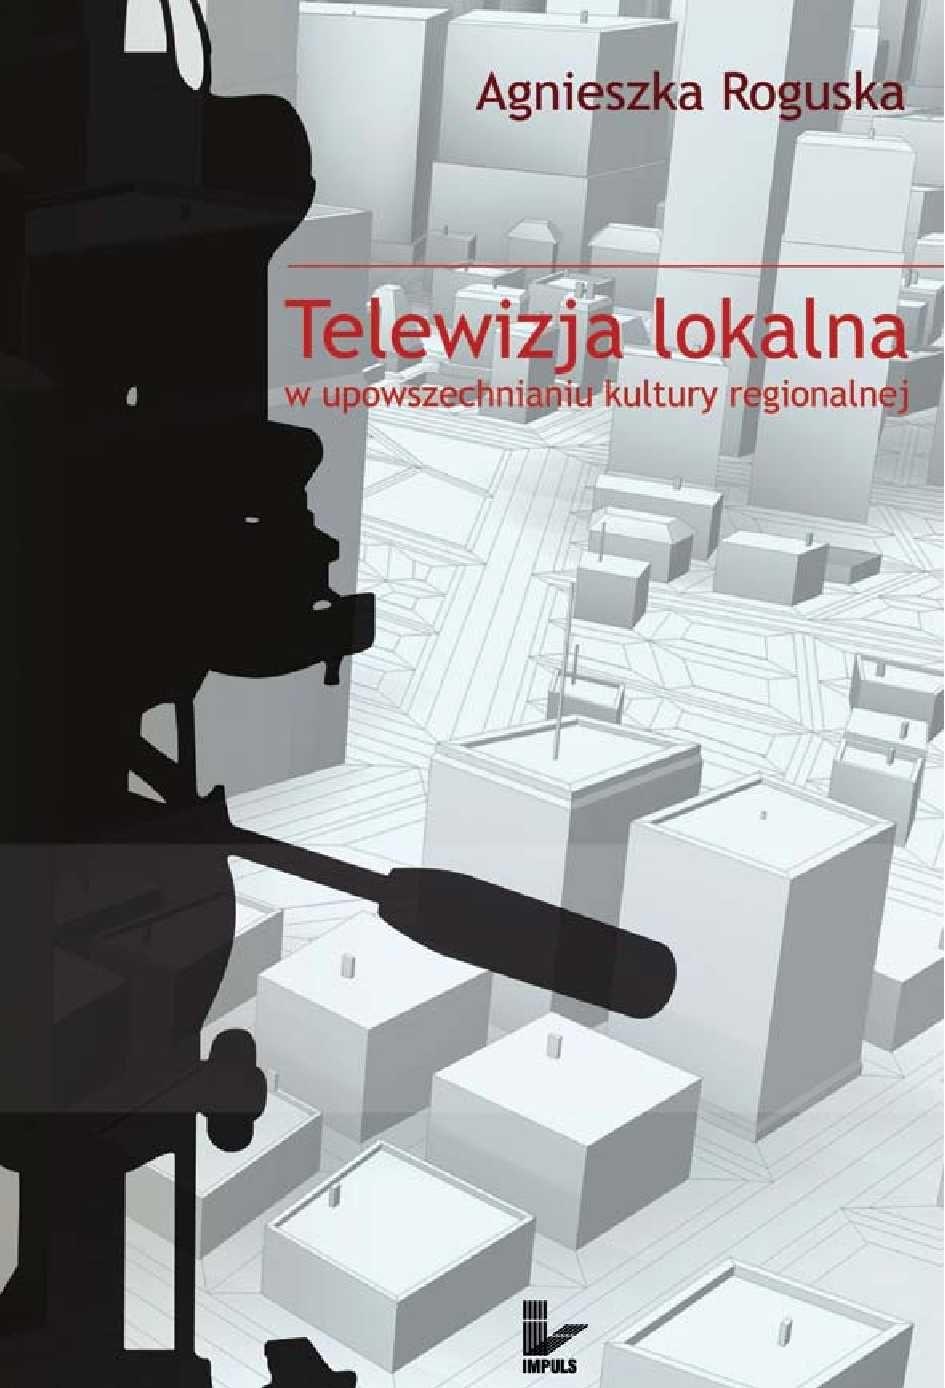 Telewizja lokalna w upowszechnianiu kultury regionalnej - Ebook (Książka PDF) do pobrania w formacie PDF